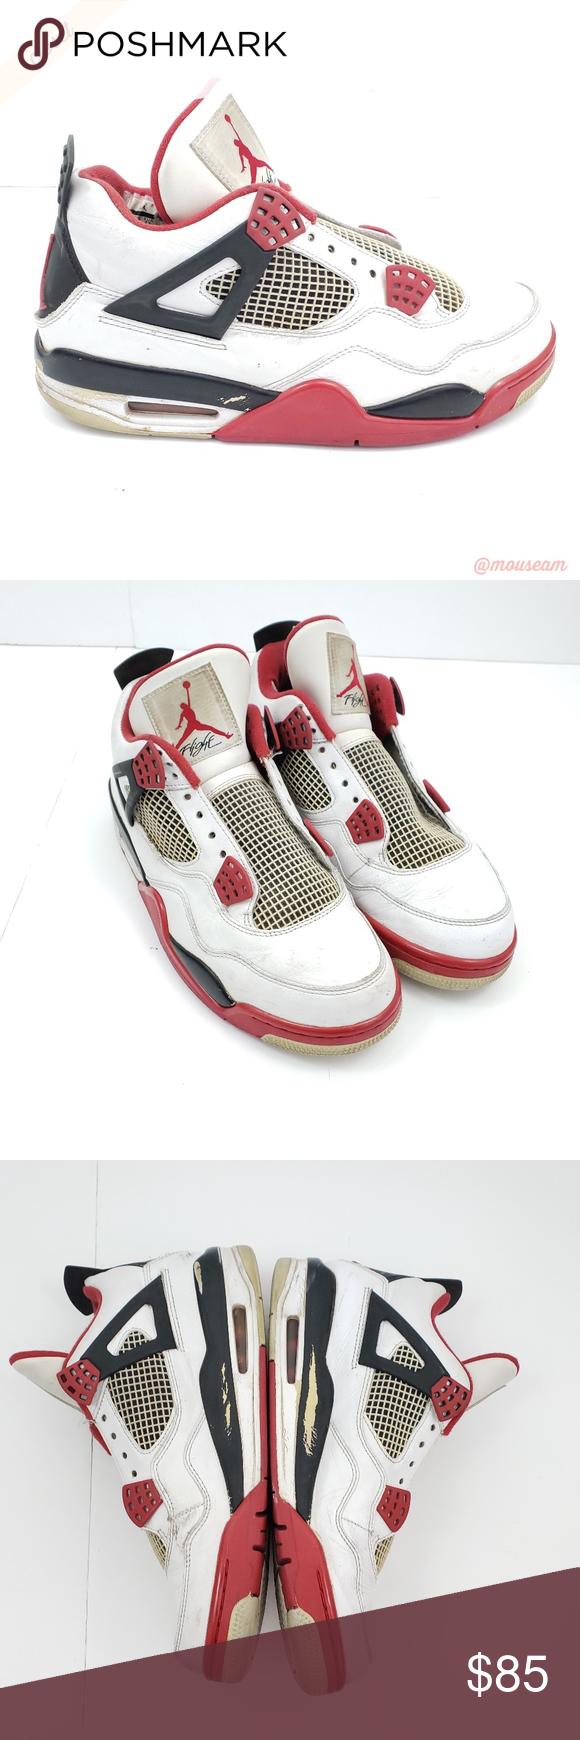 new concept c9267 28b54  Nike  2012 Air Jordan 4 Retro Fire Red Sneakers Nike - 2012 Air Jordan